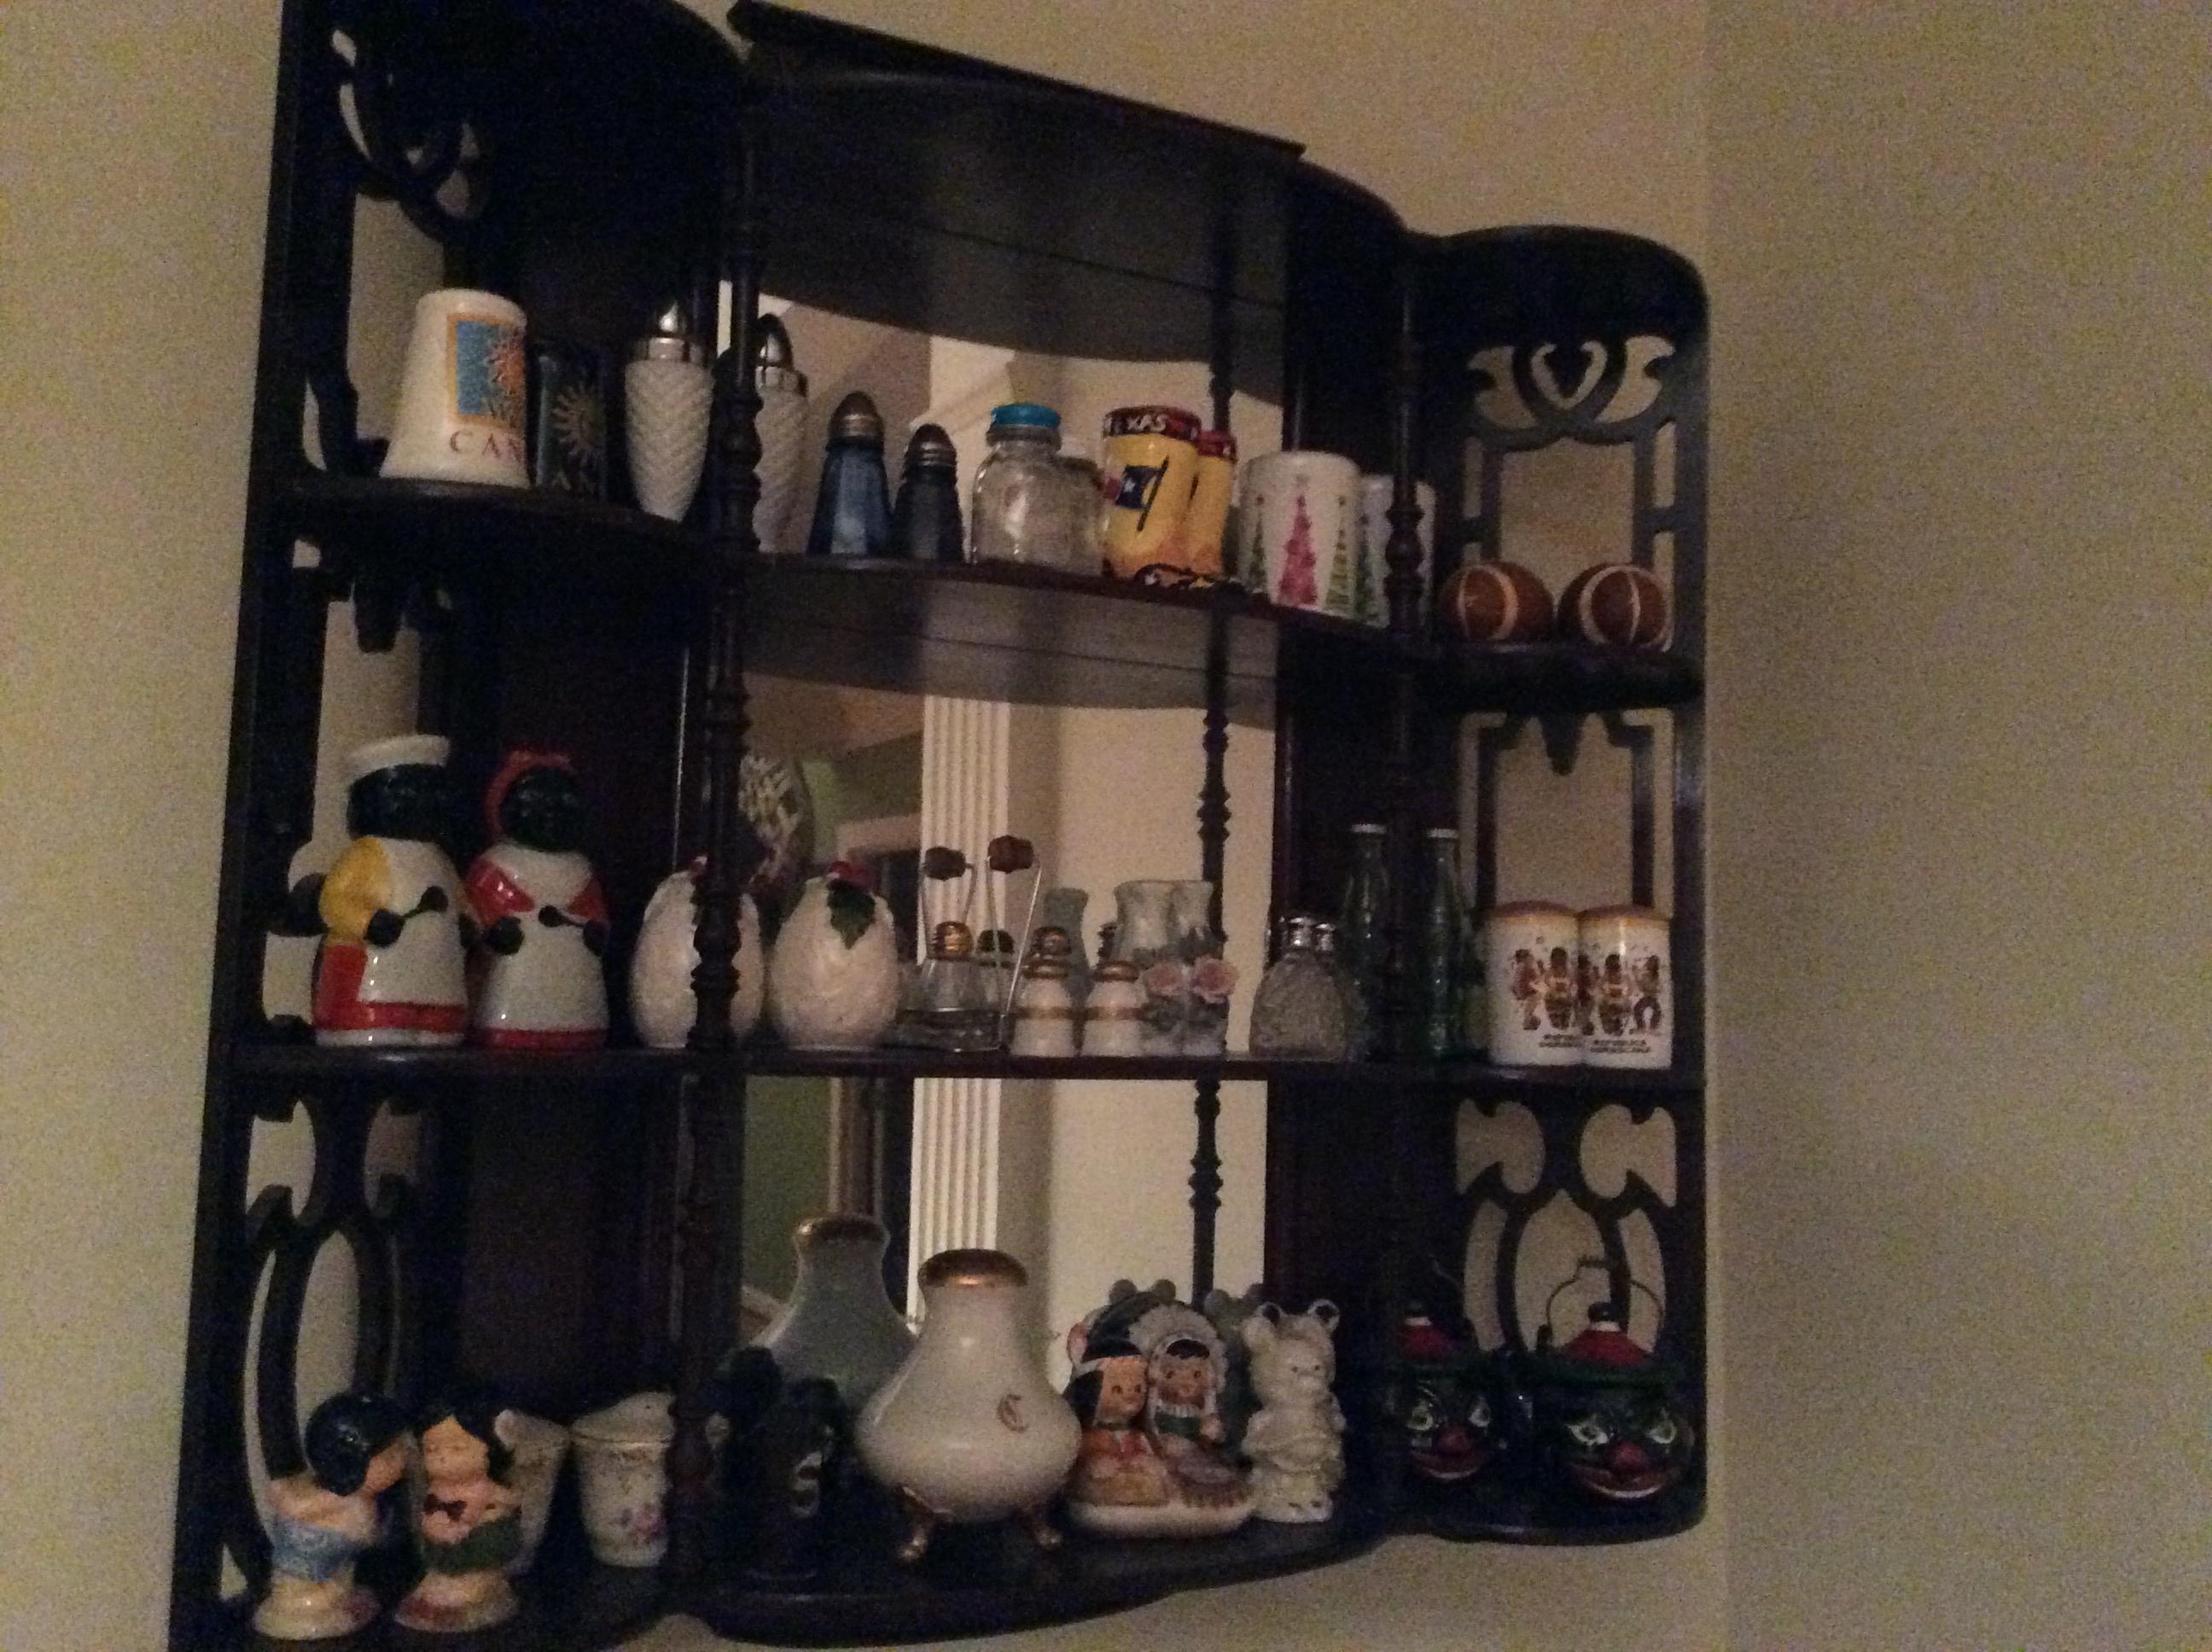 Curio shelf w/ salt & pepper shakers